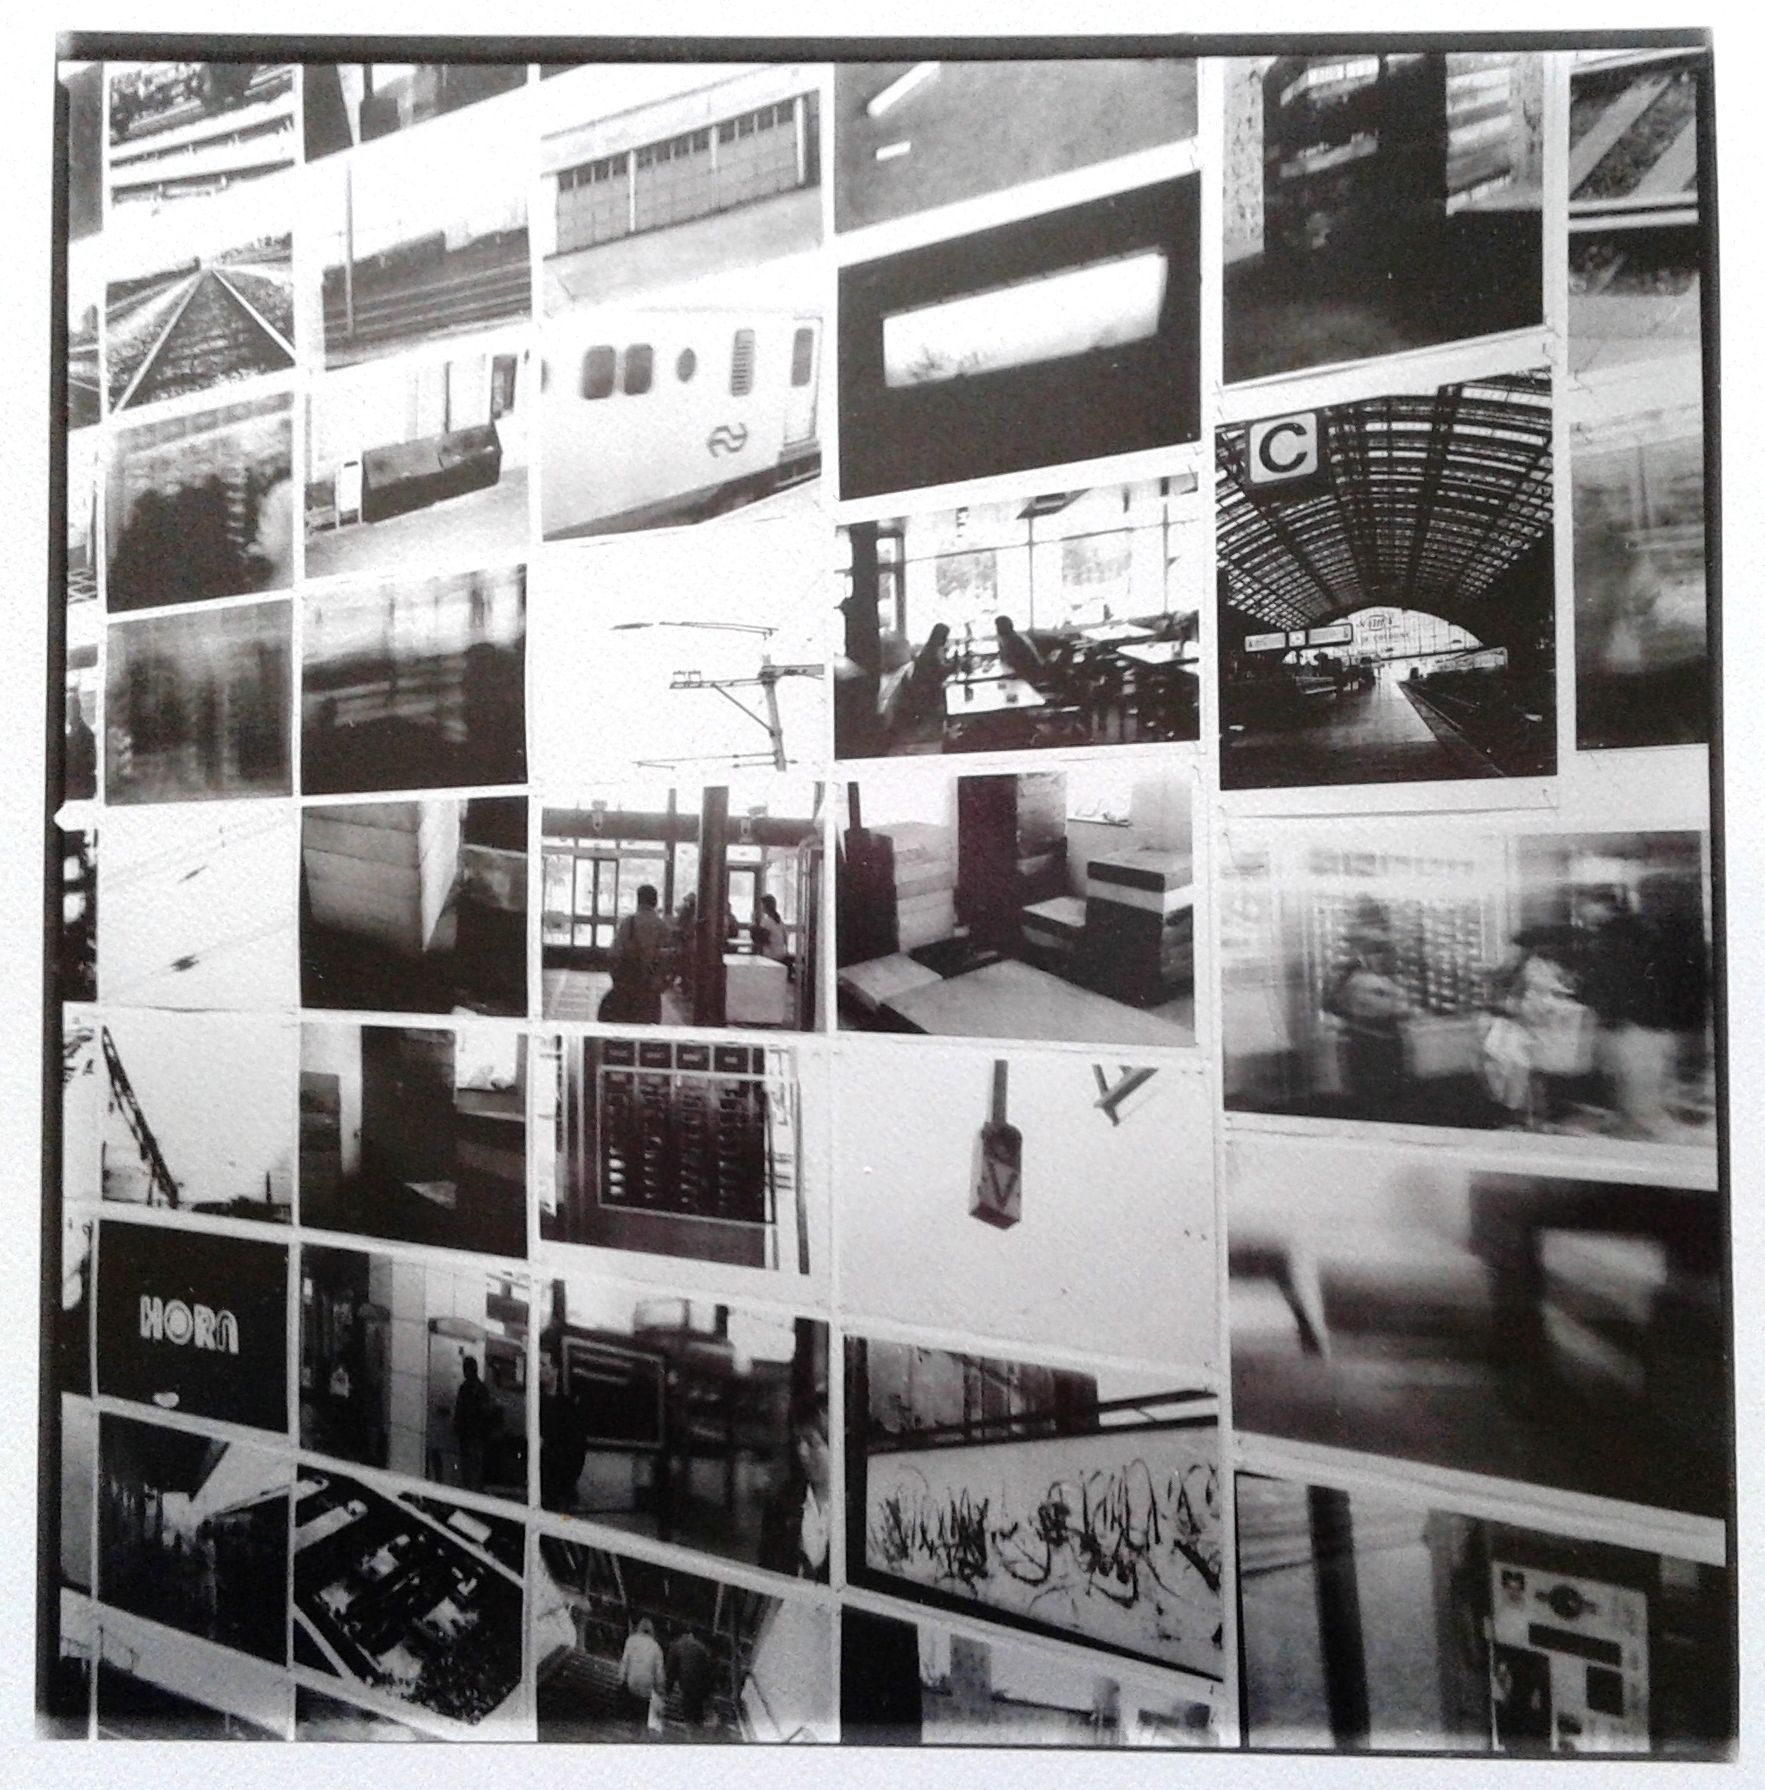 Sef Berkers. Exhibition 'Je suis à la gare 1'. Photocopies. Installation gallery Van Laethem, Rekem, Belgium.